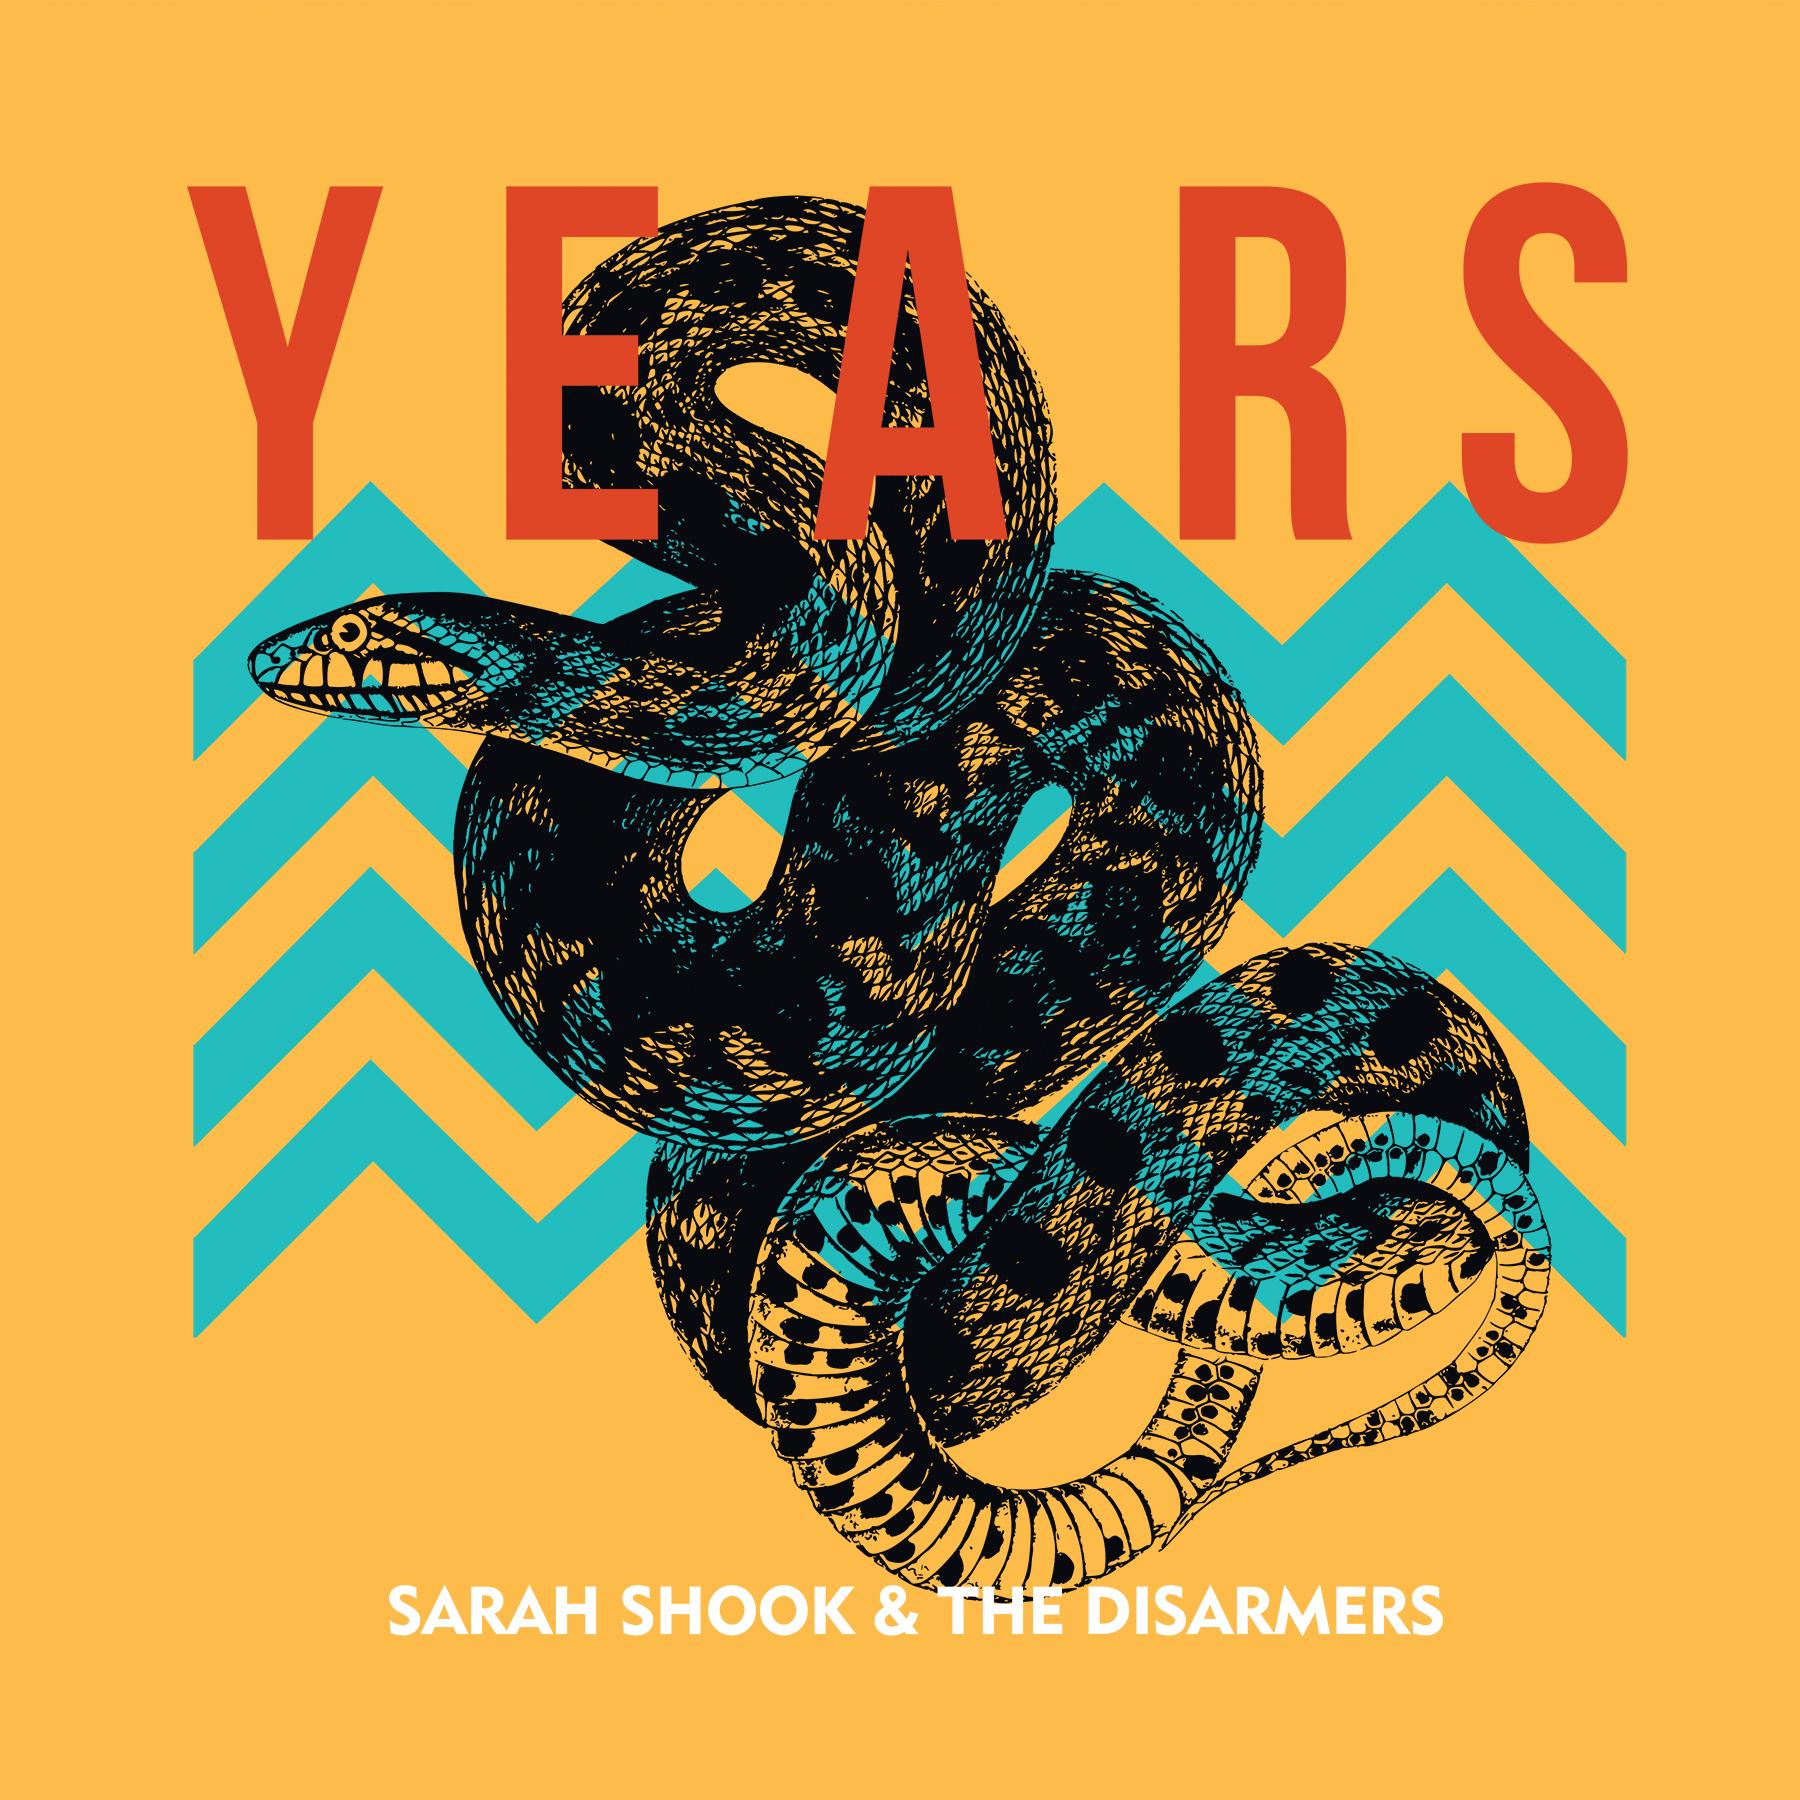 Sarah-Shook-Years-Album-Cover